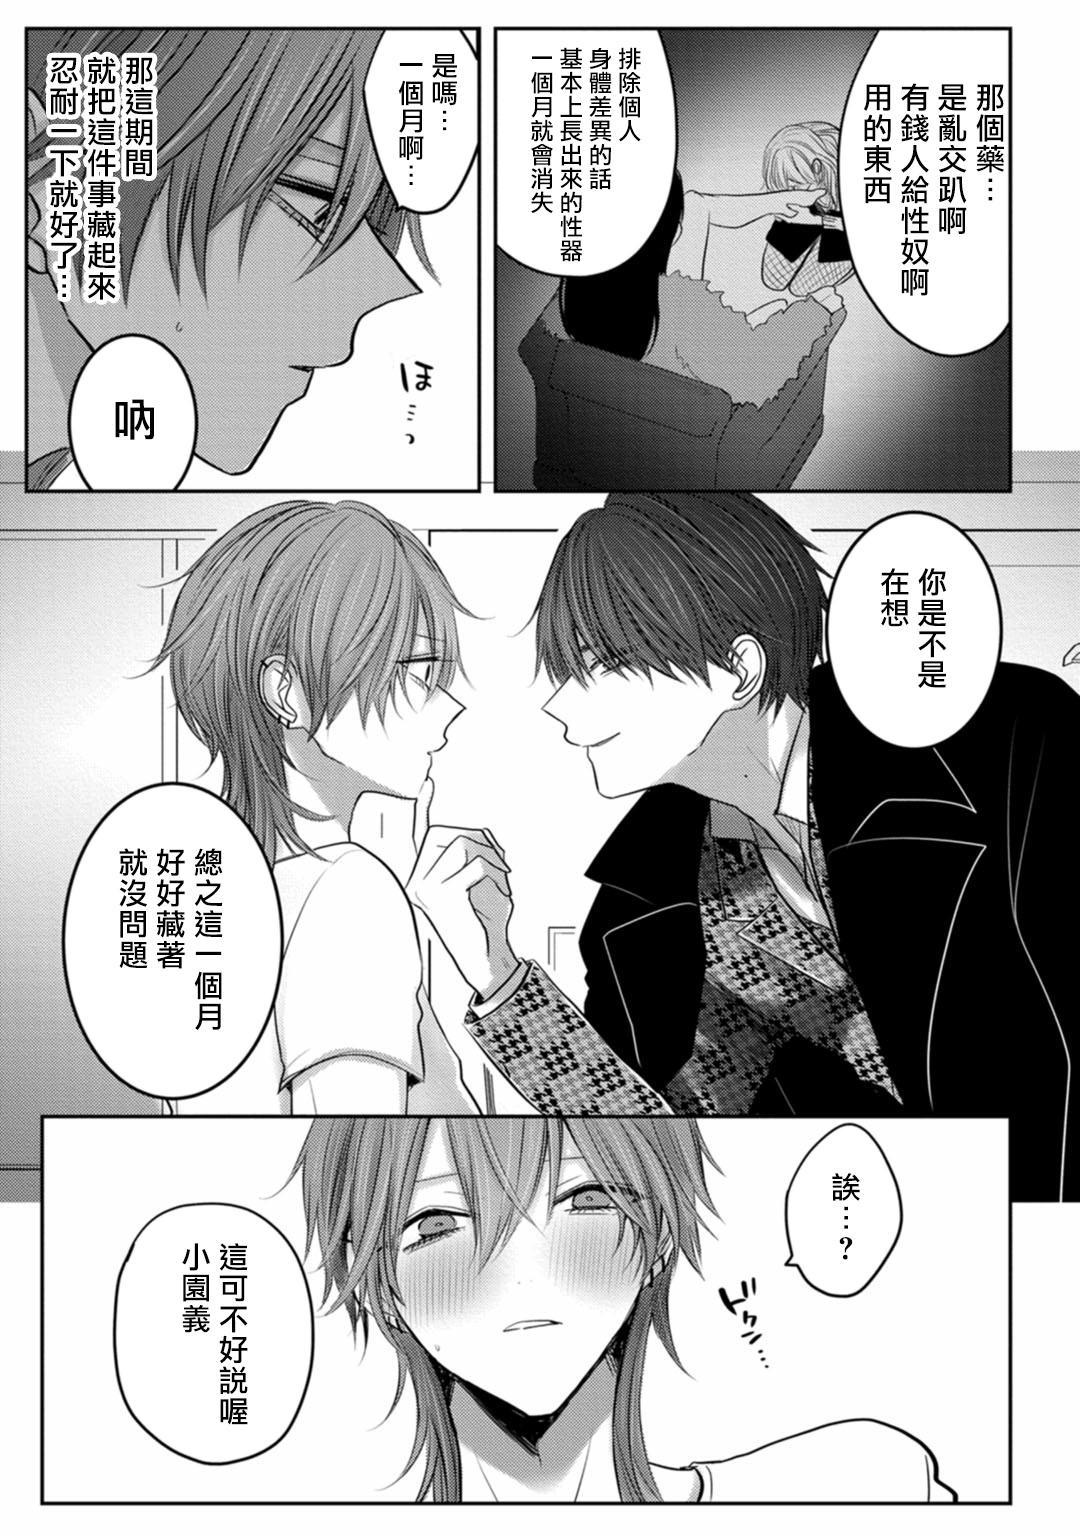 Kuroe to Mesu no Sono | 黑江和雌之园 Ch. 1-5 46